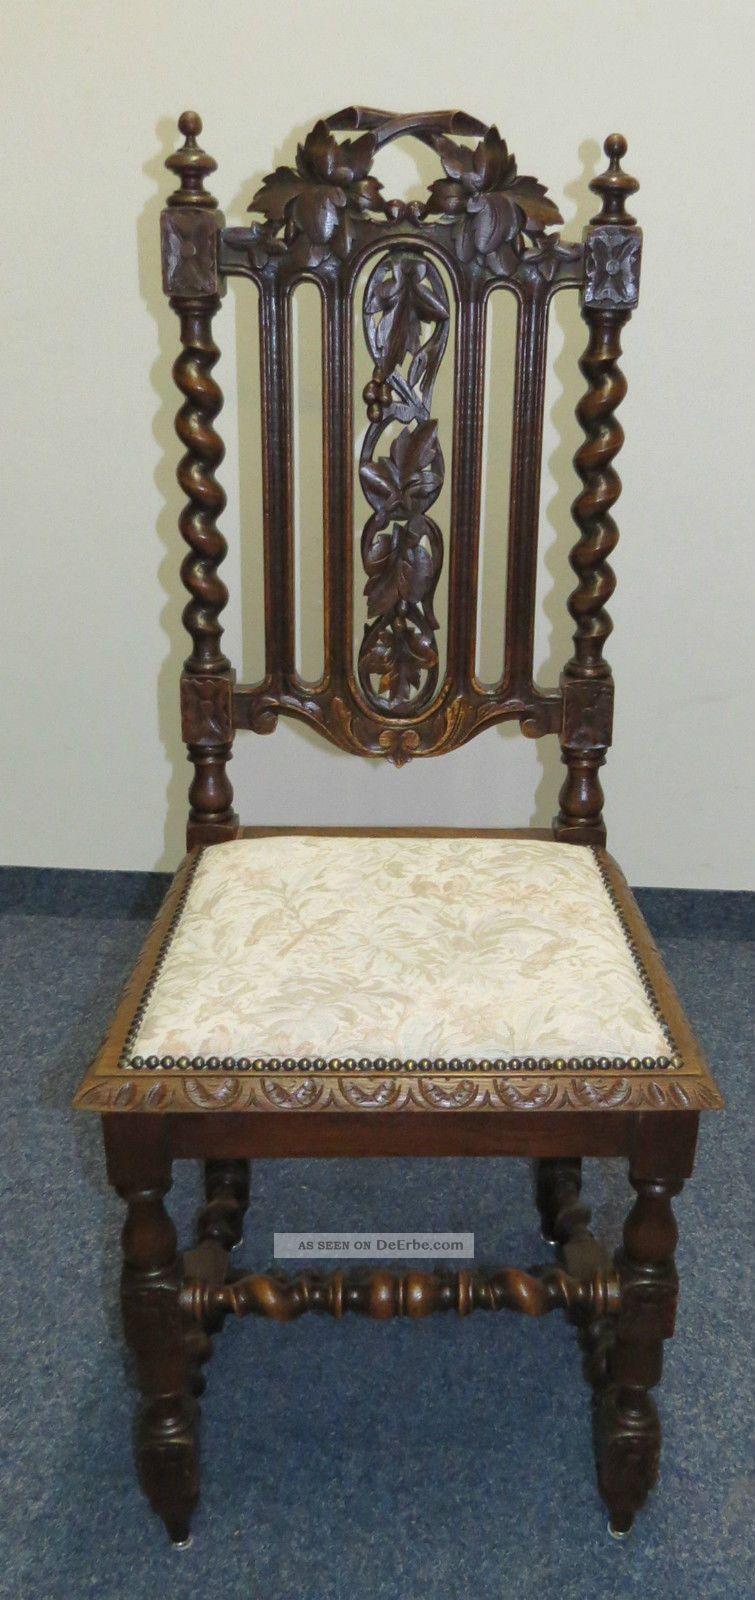 Hochwertig Esszimmer 1880 Louis Xiii Stil Eiche Aufsatz   Buffet Tisch 6 X Stuhl  Bleiglas